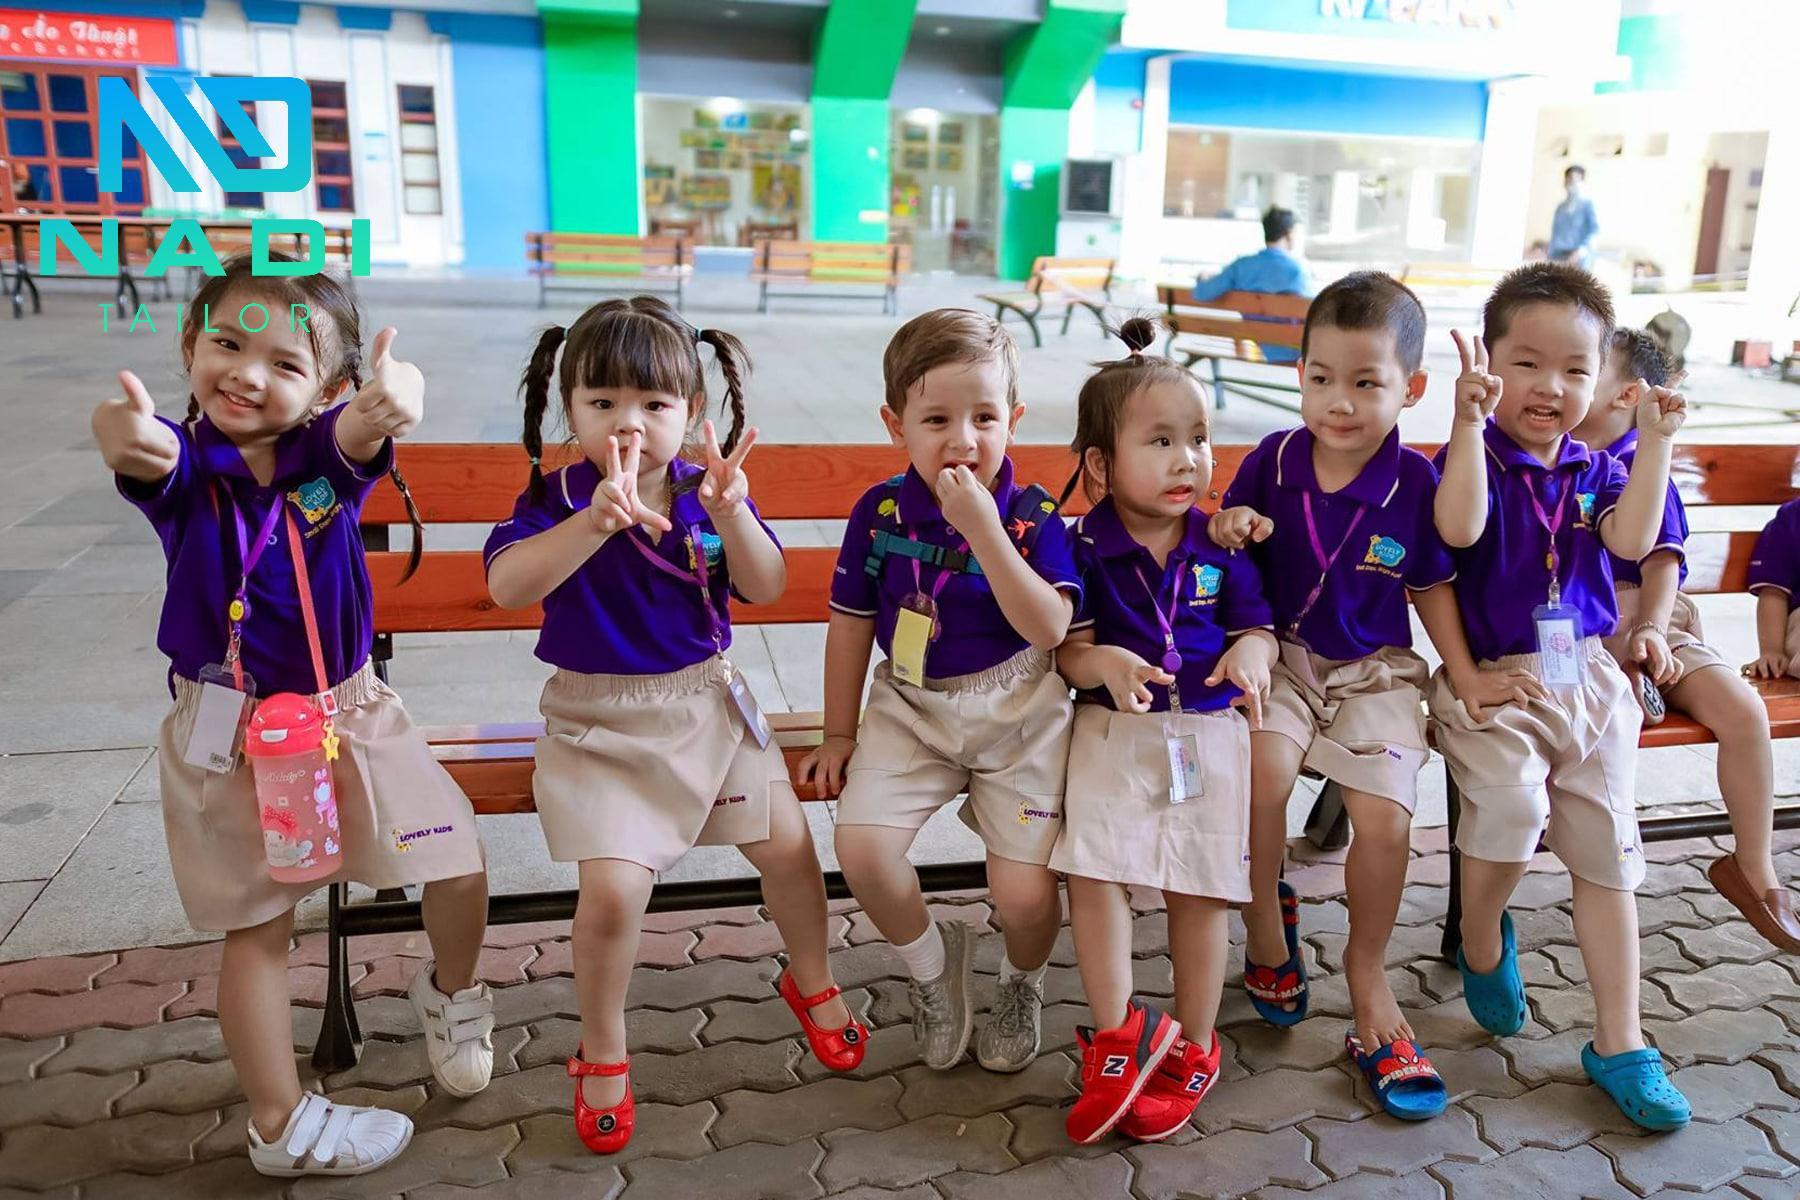 Đồng phục cho các bạn nhỏ khi đến trường giúp tiết kiệm thời gian và chi phí cho phụ huynh